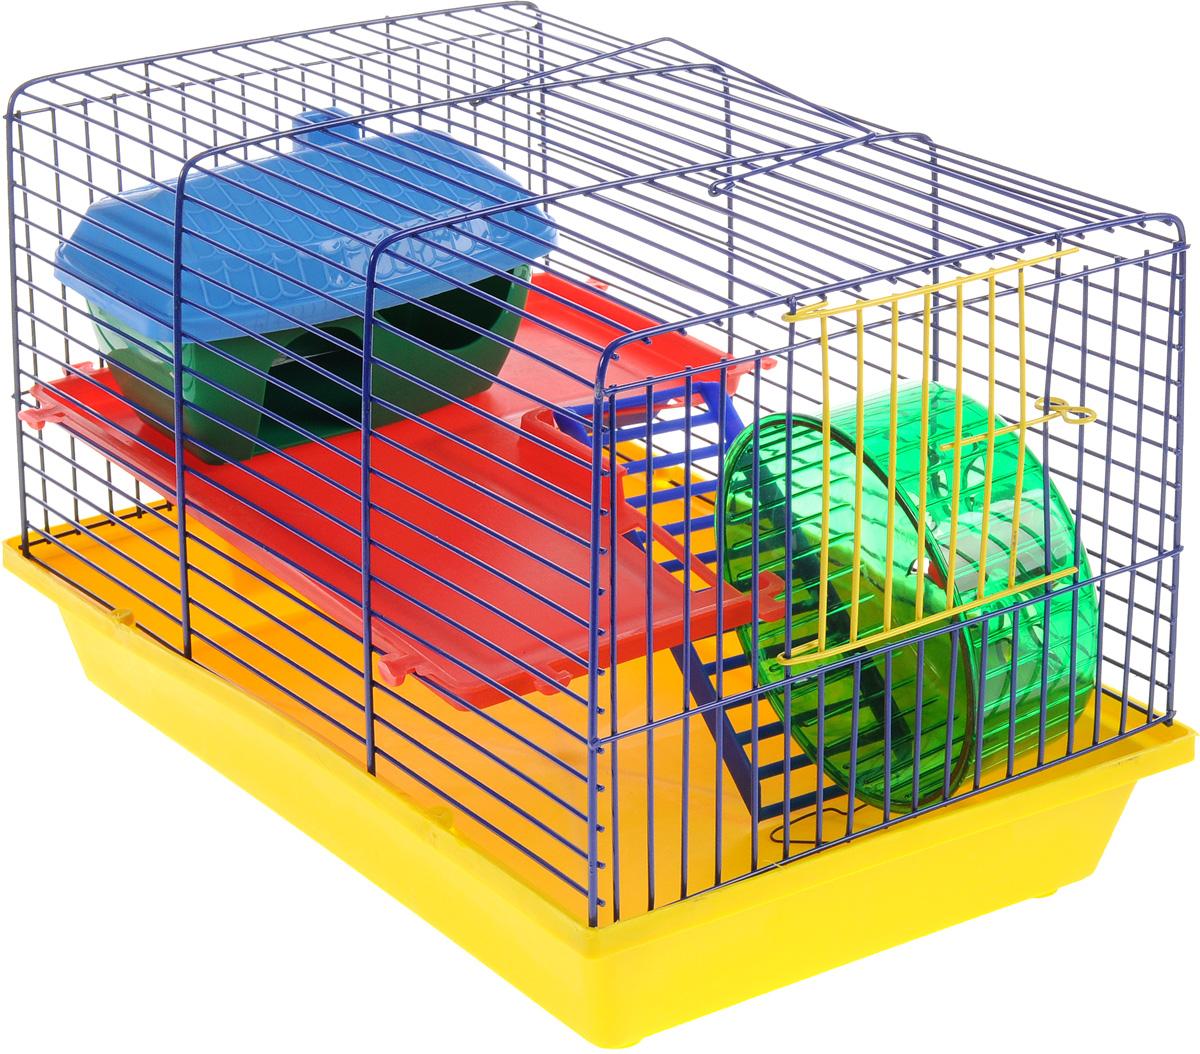 Клетка для грызунов ЗооМарк, 2-этажная, цвет: желтый поддон, синяя решетка, красный этаж, 36 х 23 х 24 см125ЖСДвухэтажная клетка Зоомарк, выполненная из полипропилена и металла, подходит для хомяков или других небольших грызунов. Она имеет яркий поддон, удобна в использовании и легко чистится. Сверху имеется ручка для переноски. Такая клетка станет уединенным личным пространством и уютным домиком для маленького грызуна.